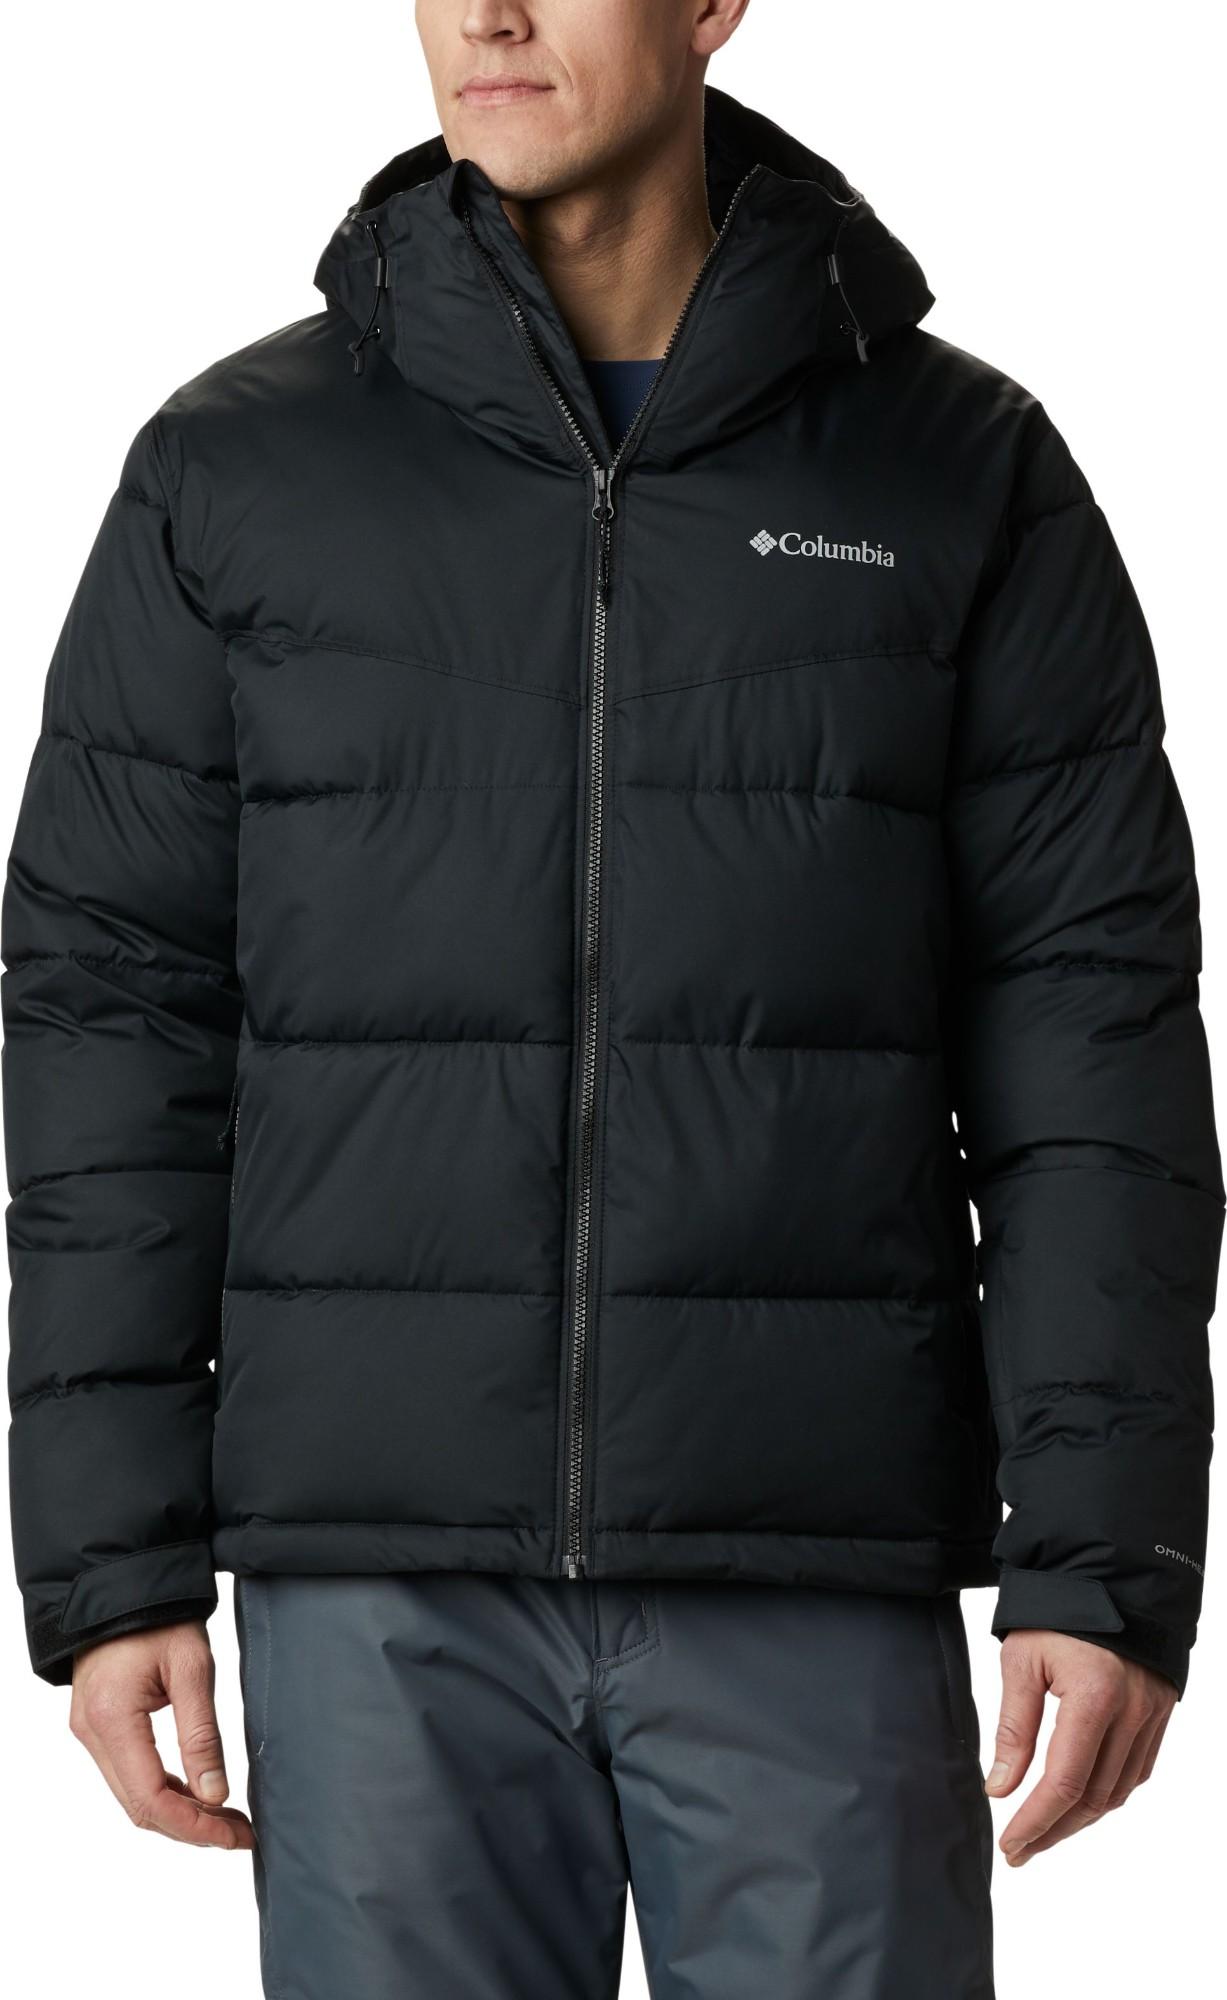 Columbia Iceline Ridge Jacket Men's Black M